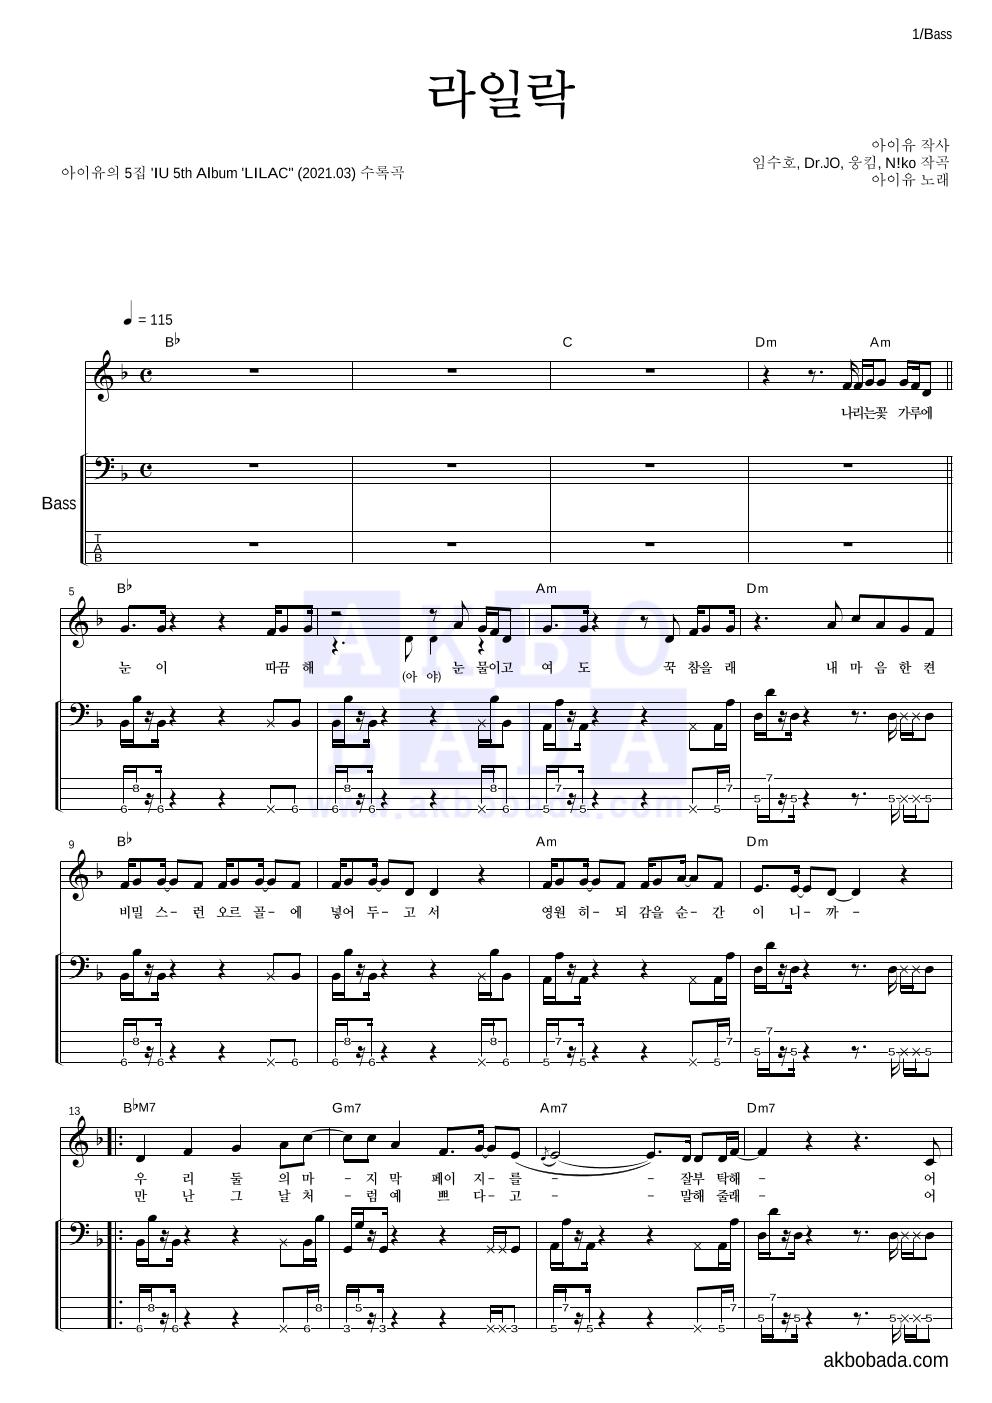 아이유 - 라일락 베이스 악보